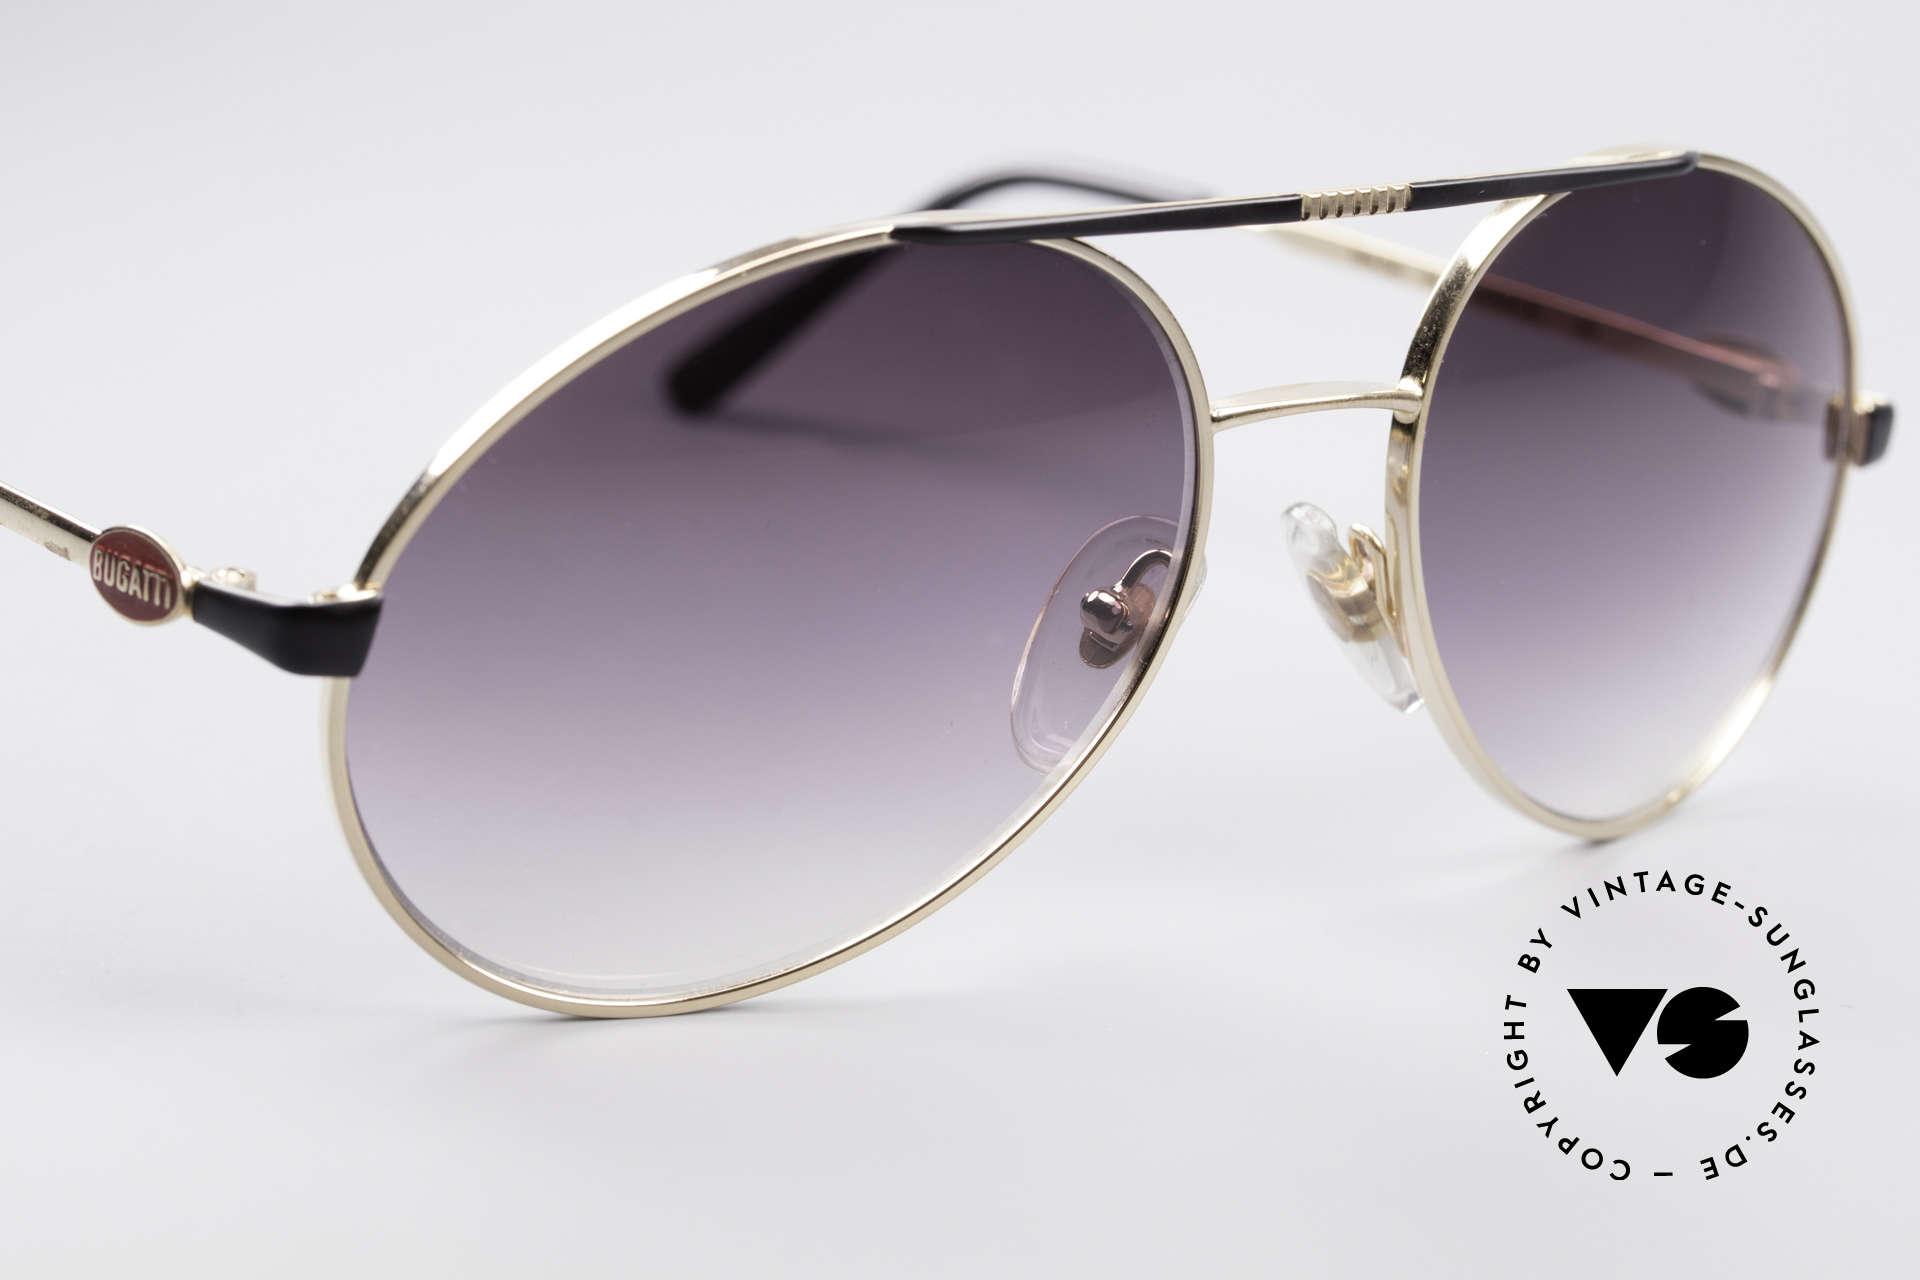 Bugatti 65837 80er Luxus Vintage Brille, ein ungetragener Klassiker & mit original Bugatti Etui, Passend für Herren